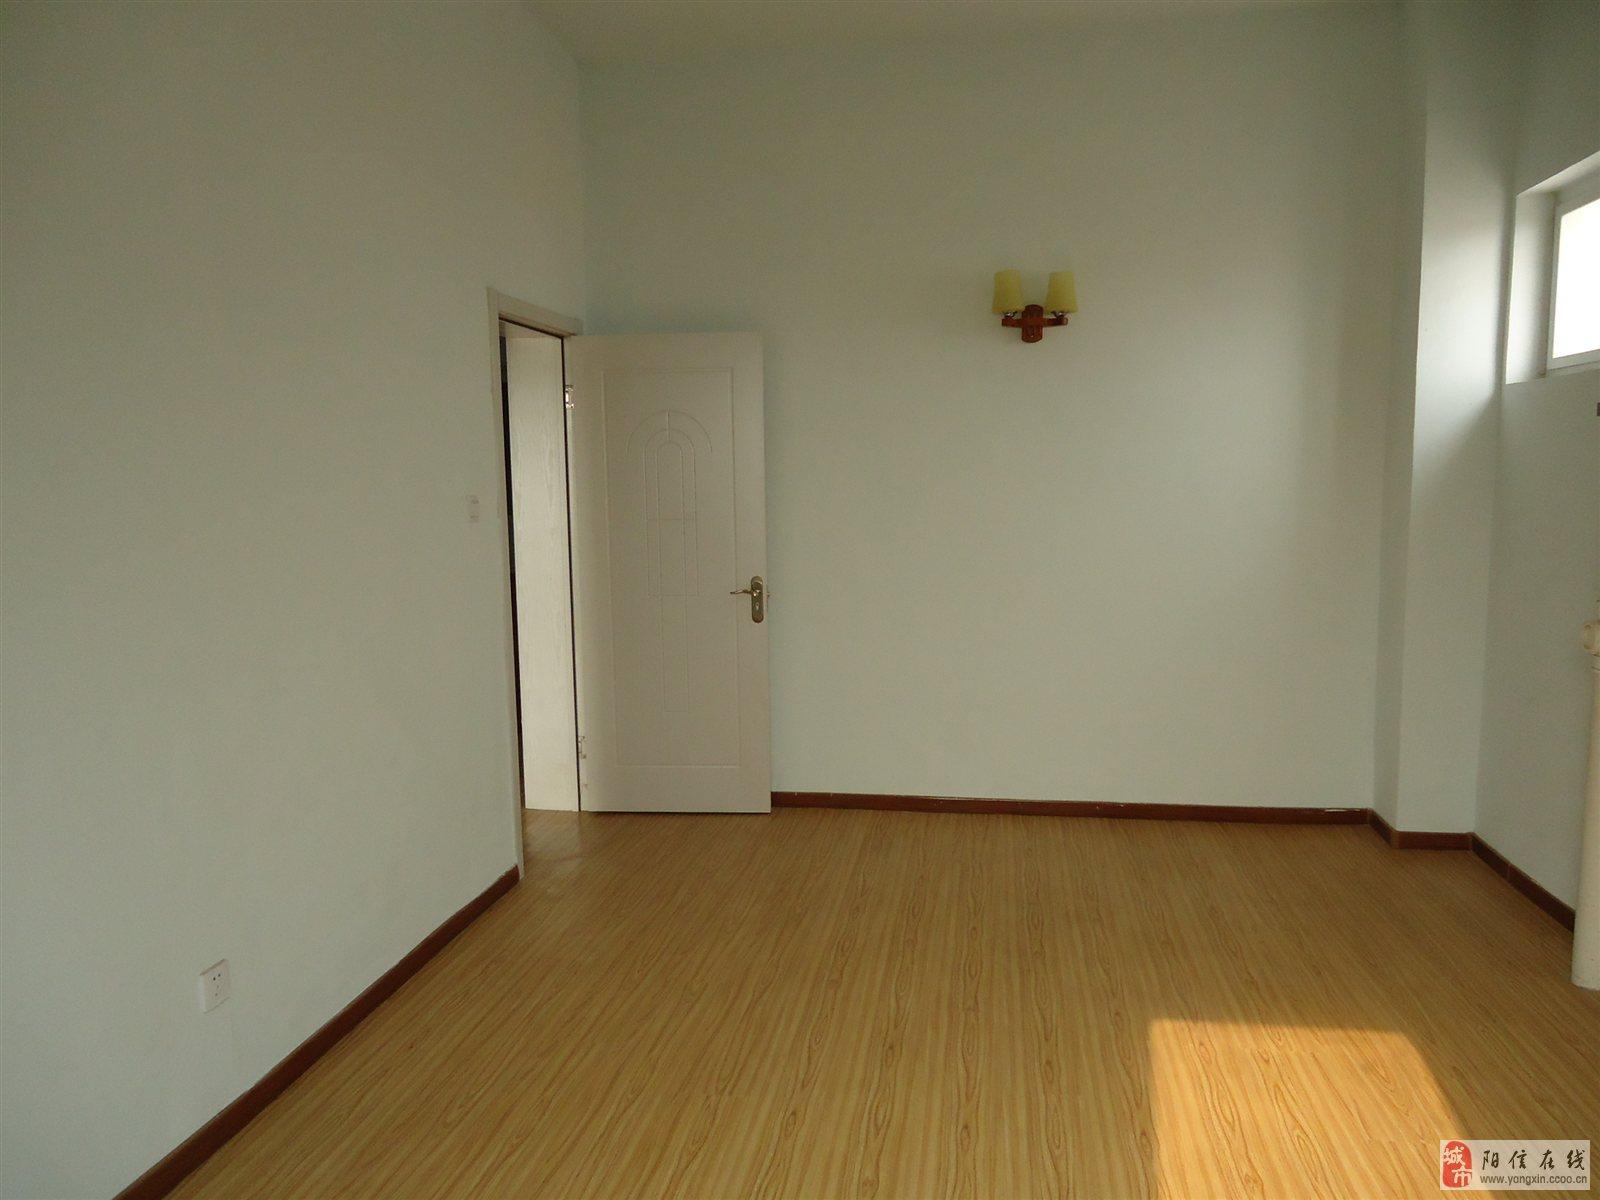 背景墙 房间 家居 酒店 设计 卧室 卧室装修 现代 装修 1600_1200